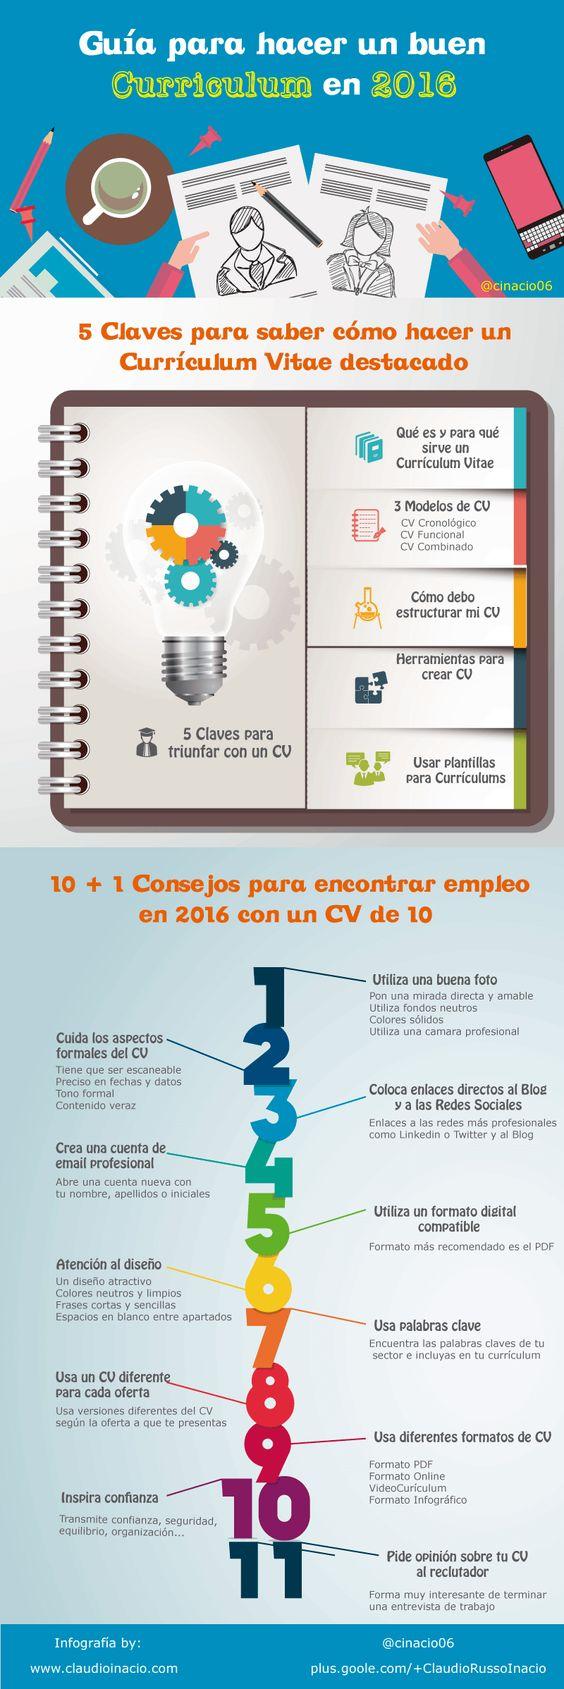 infografía cómo hacer un currículum vitae en 2016: